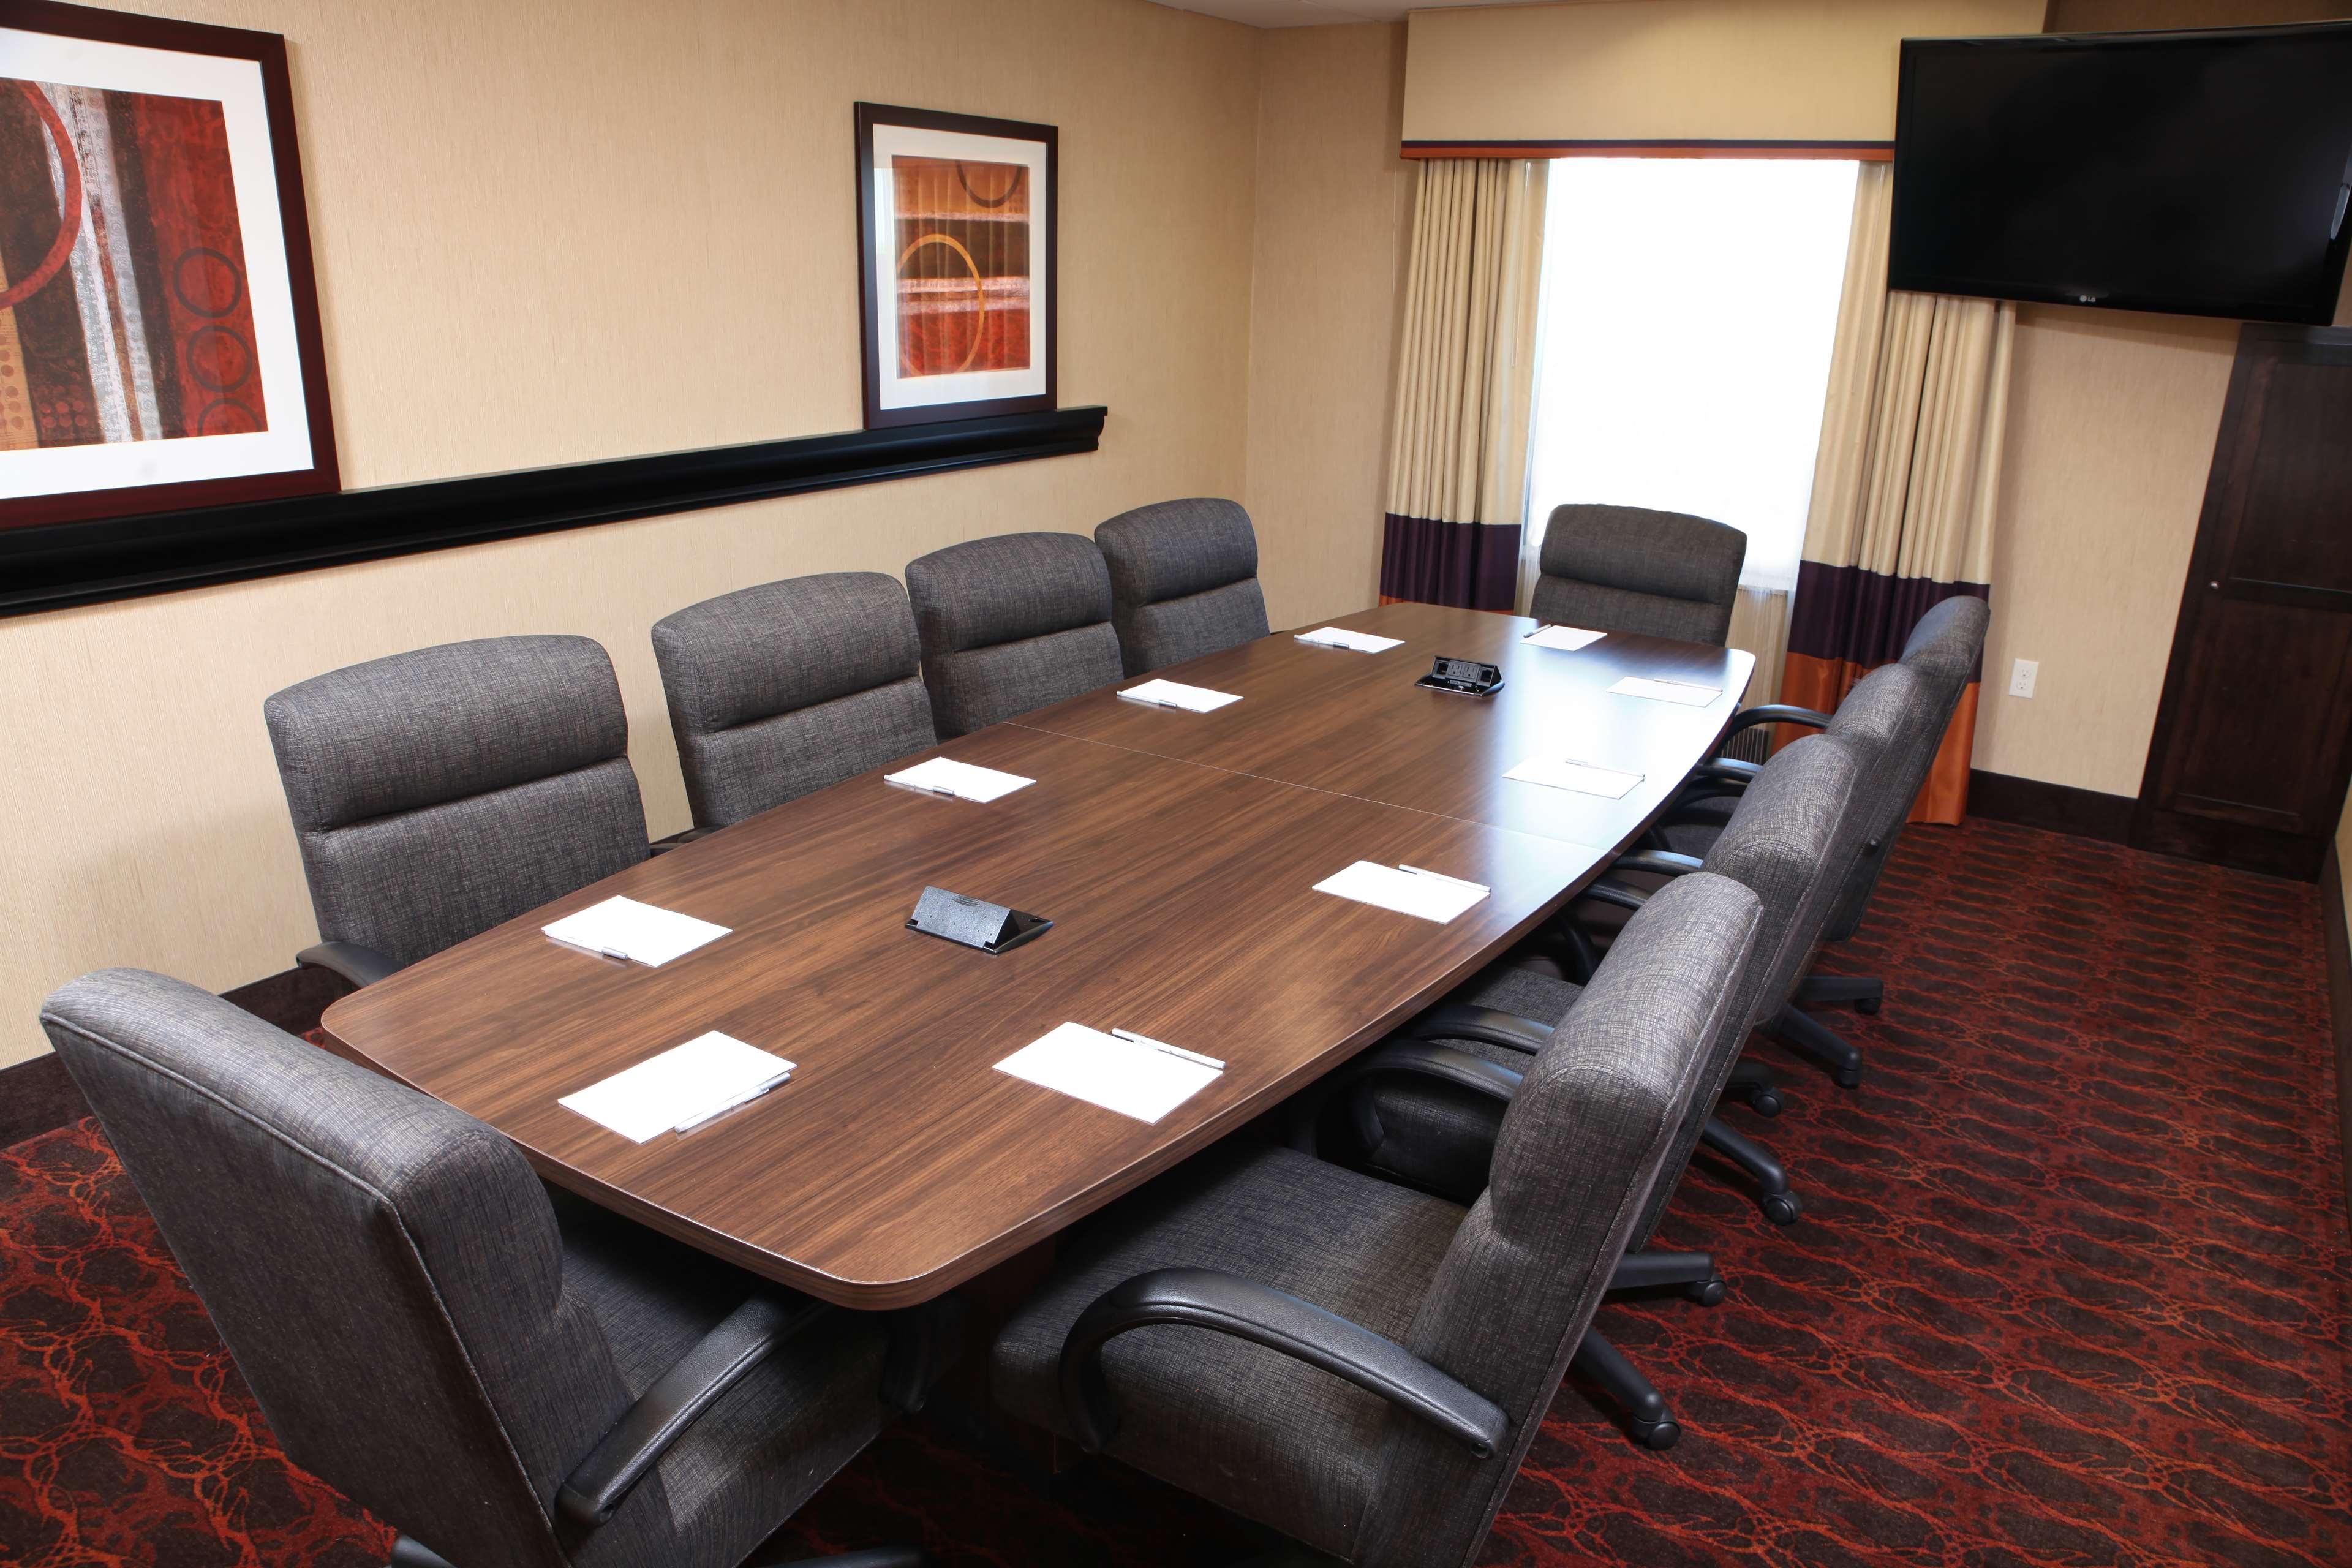 Hampton Inn & Suites Fargo image 26